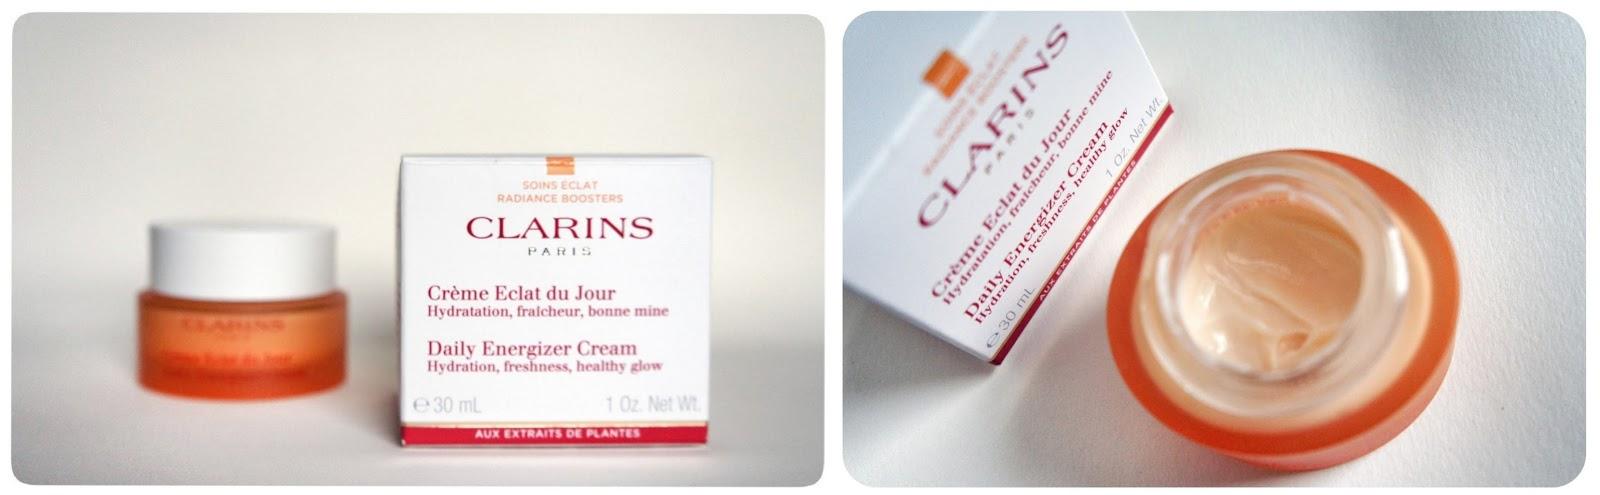 CLARINS Crème Eclat du Jour, Preis: 19,95 €